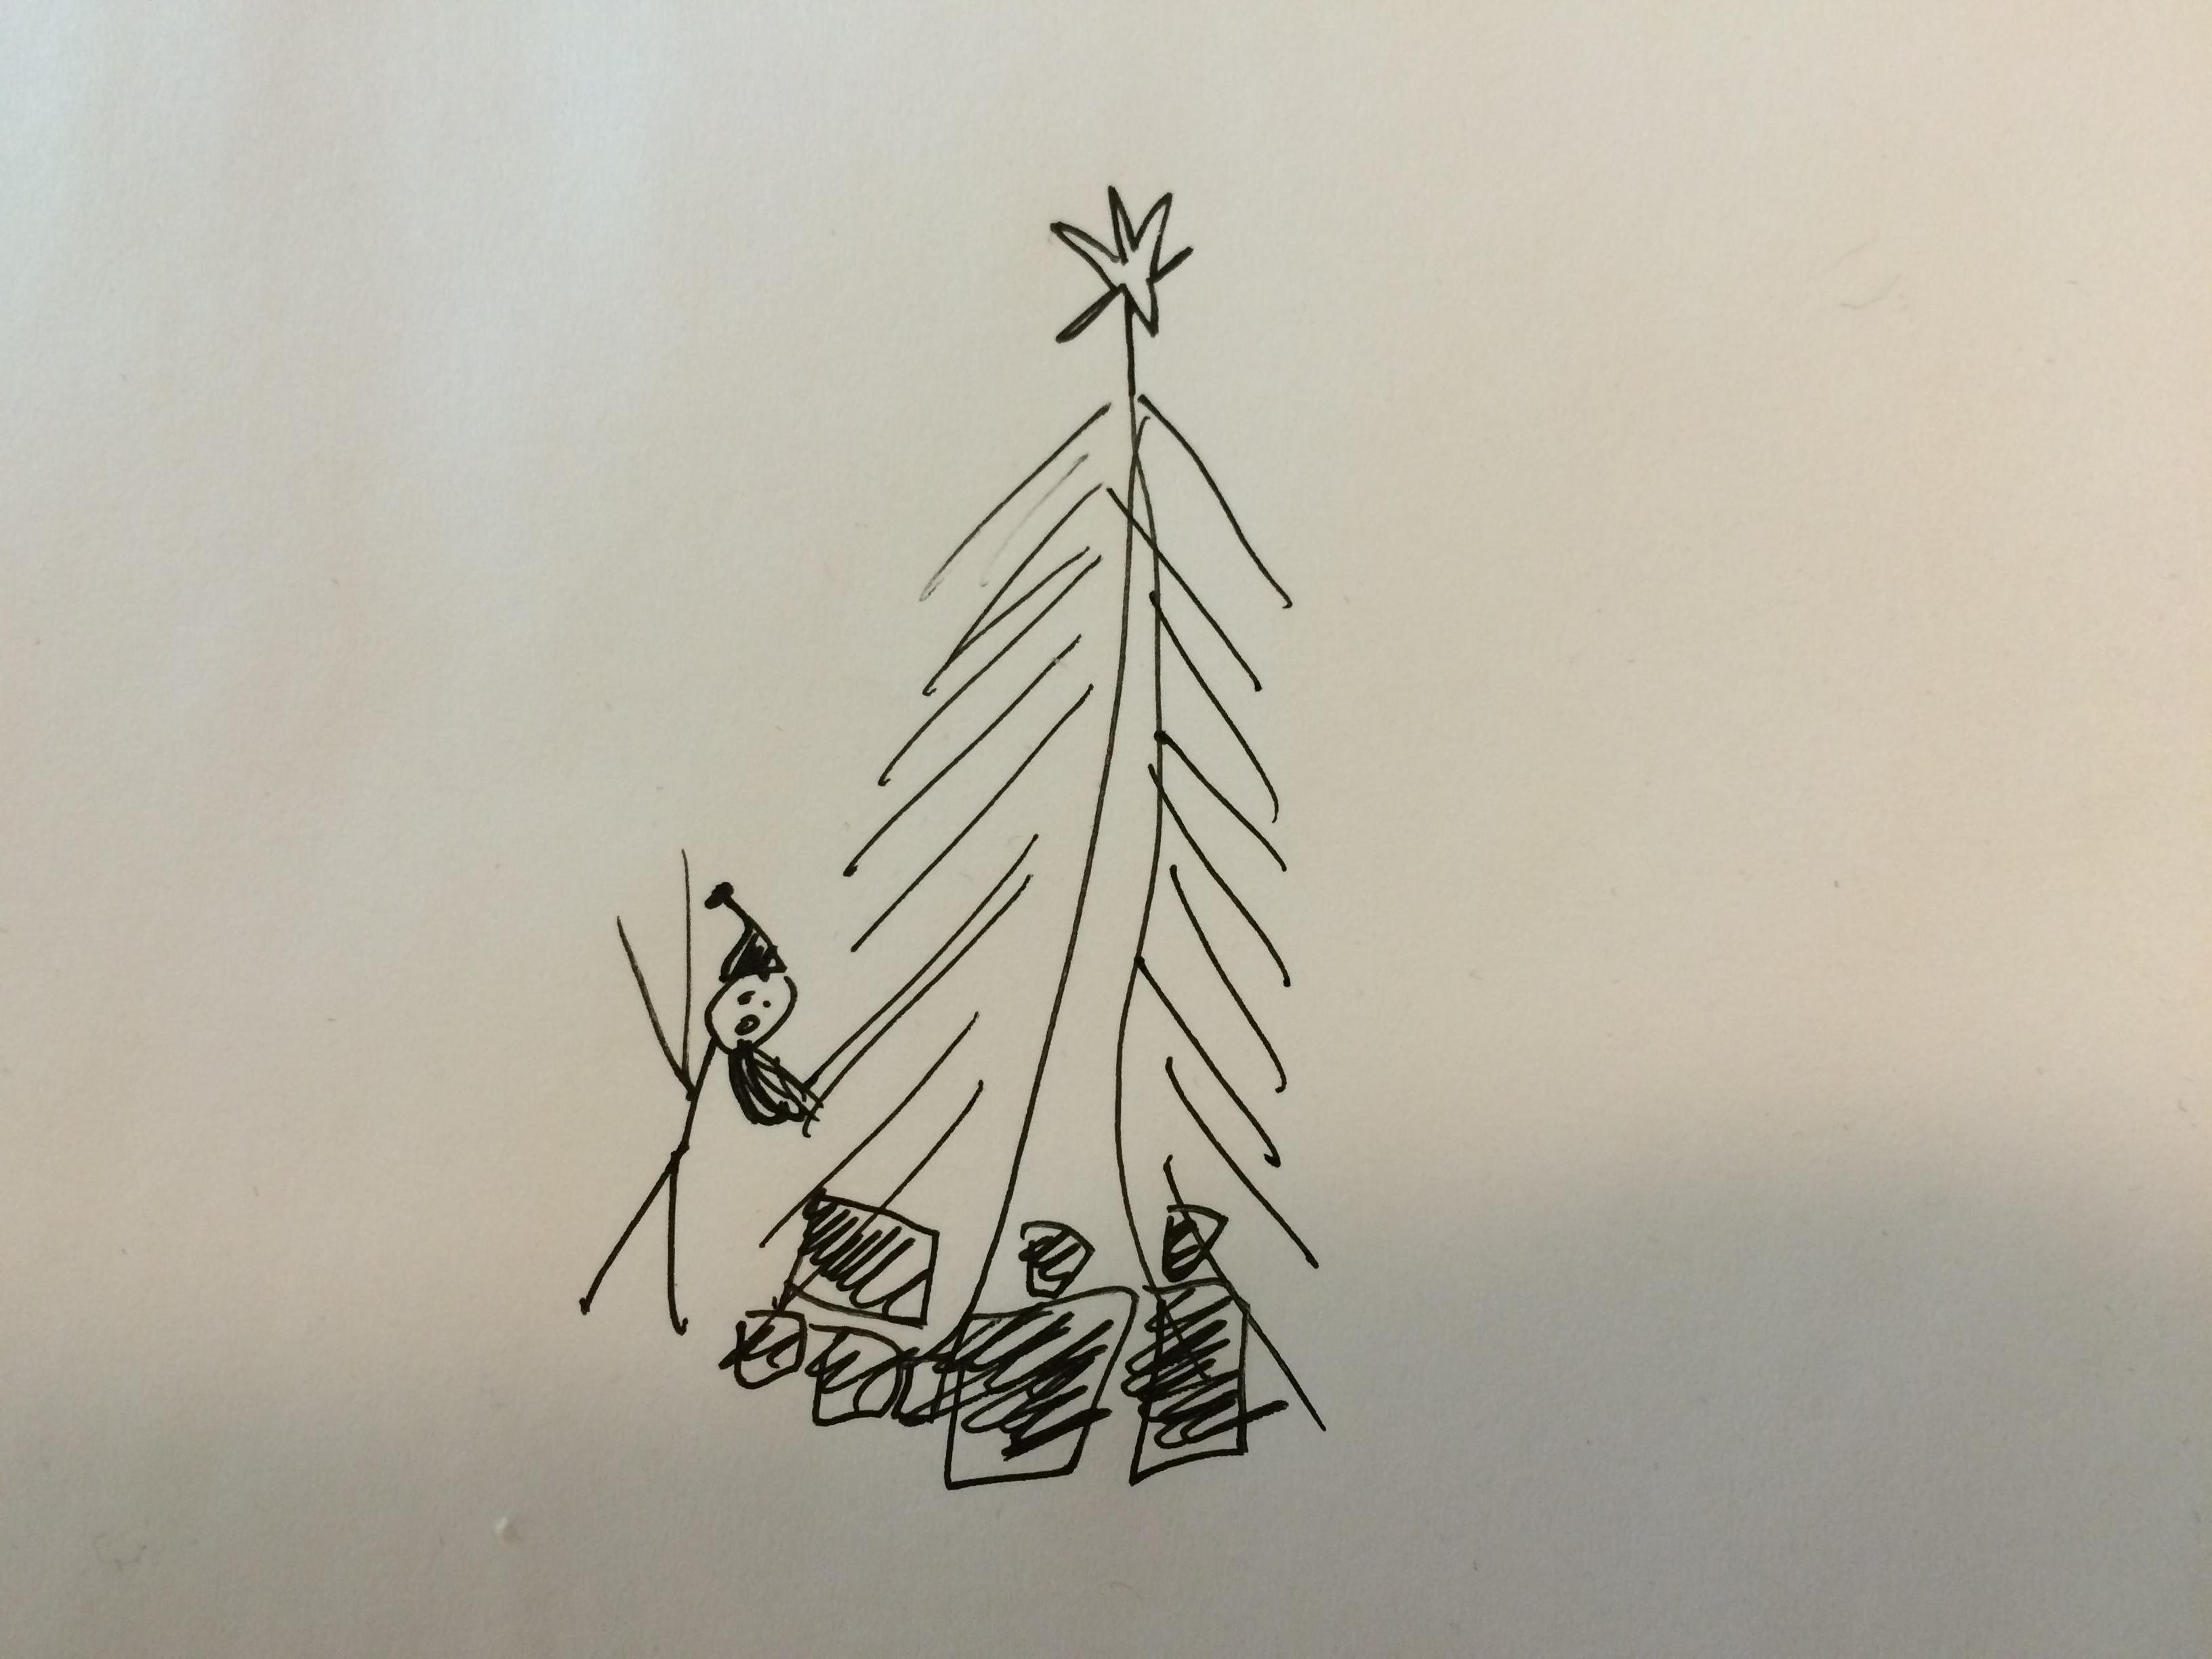 Juldikt – Julen är här